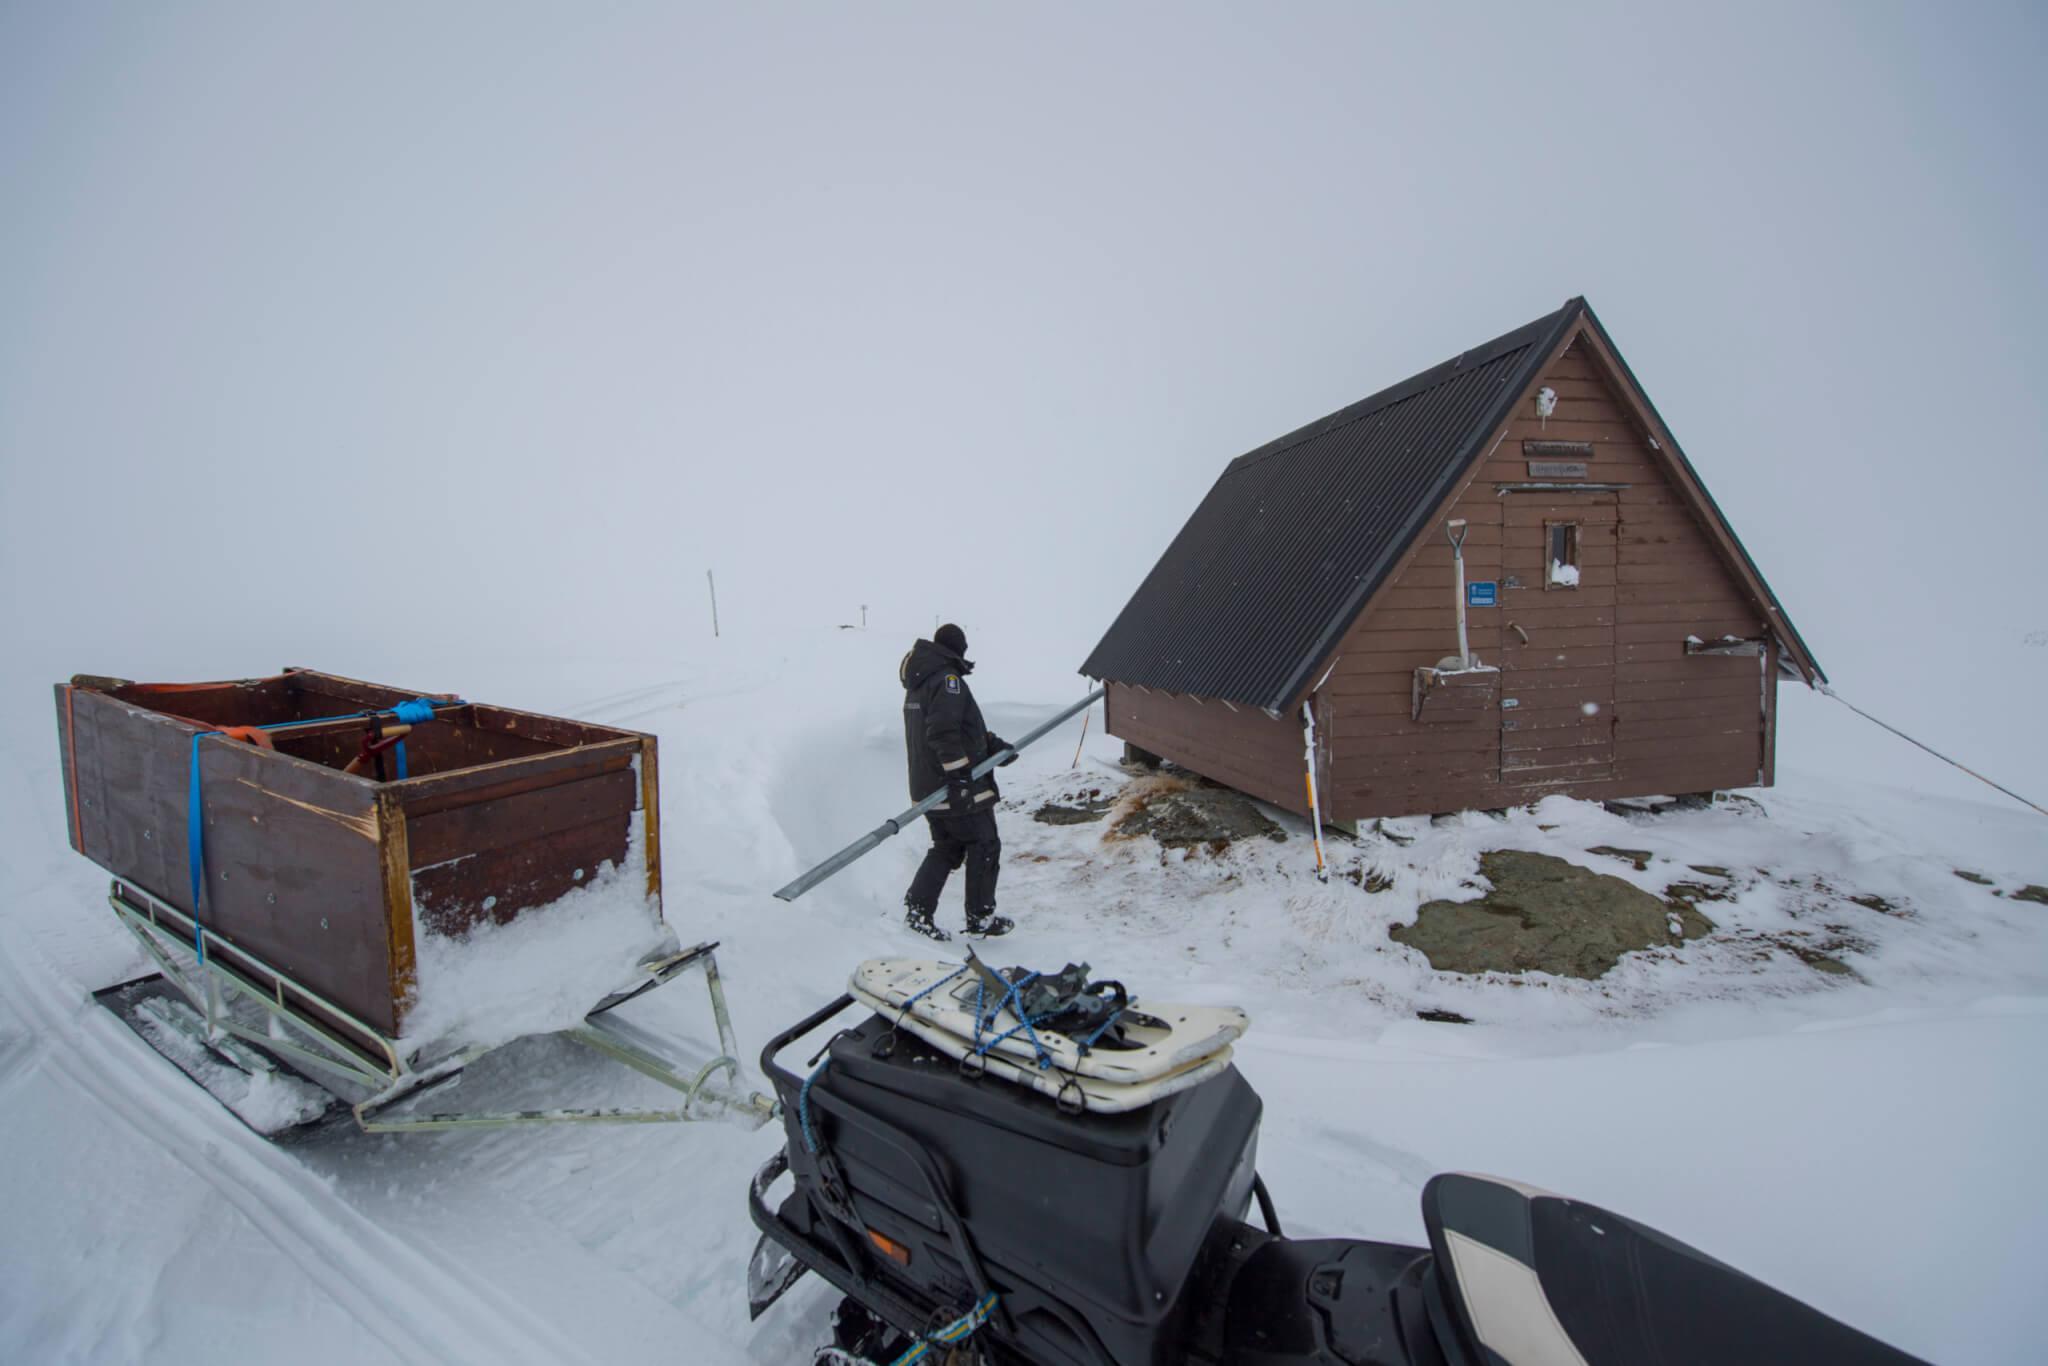 En person bär en planka till en brun liten stuga. Det är vinter och en skoter står parkerad i förgrunden.